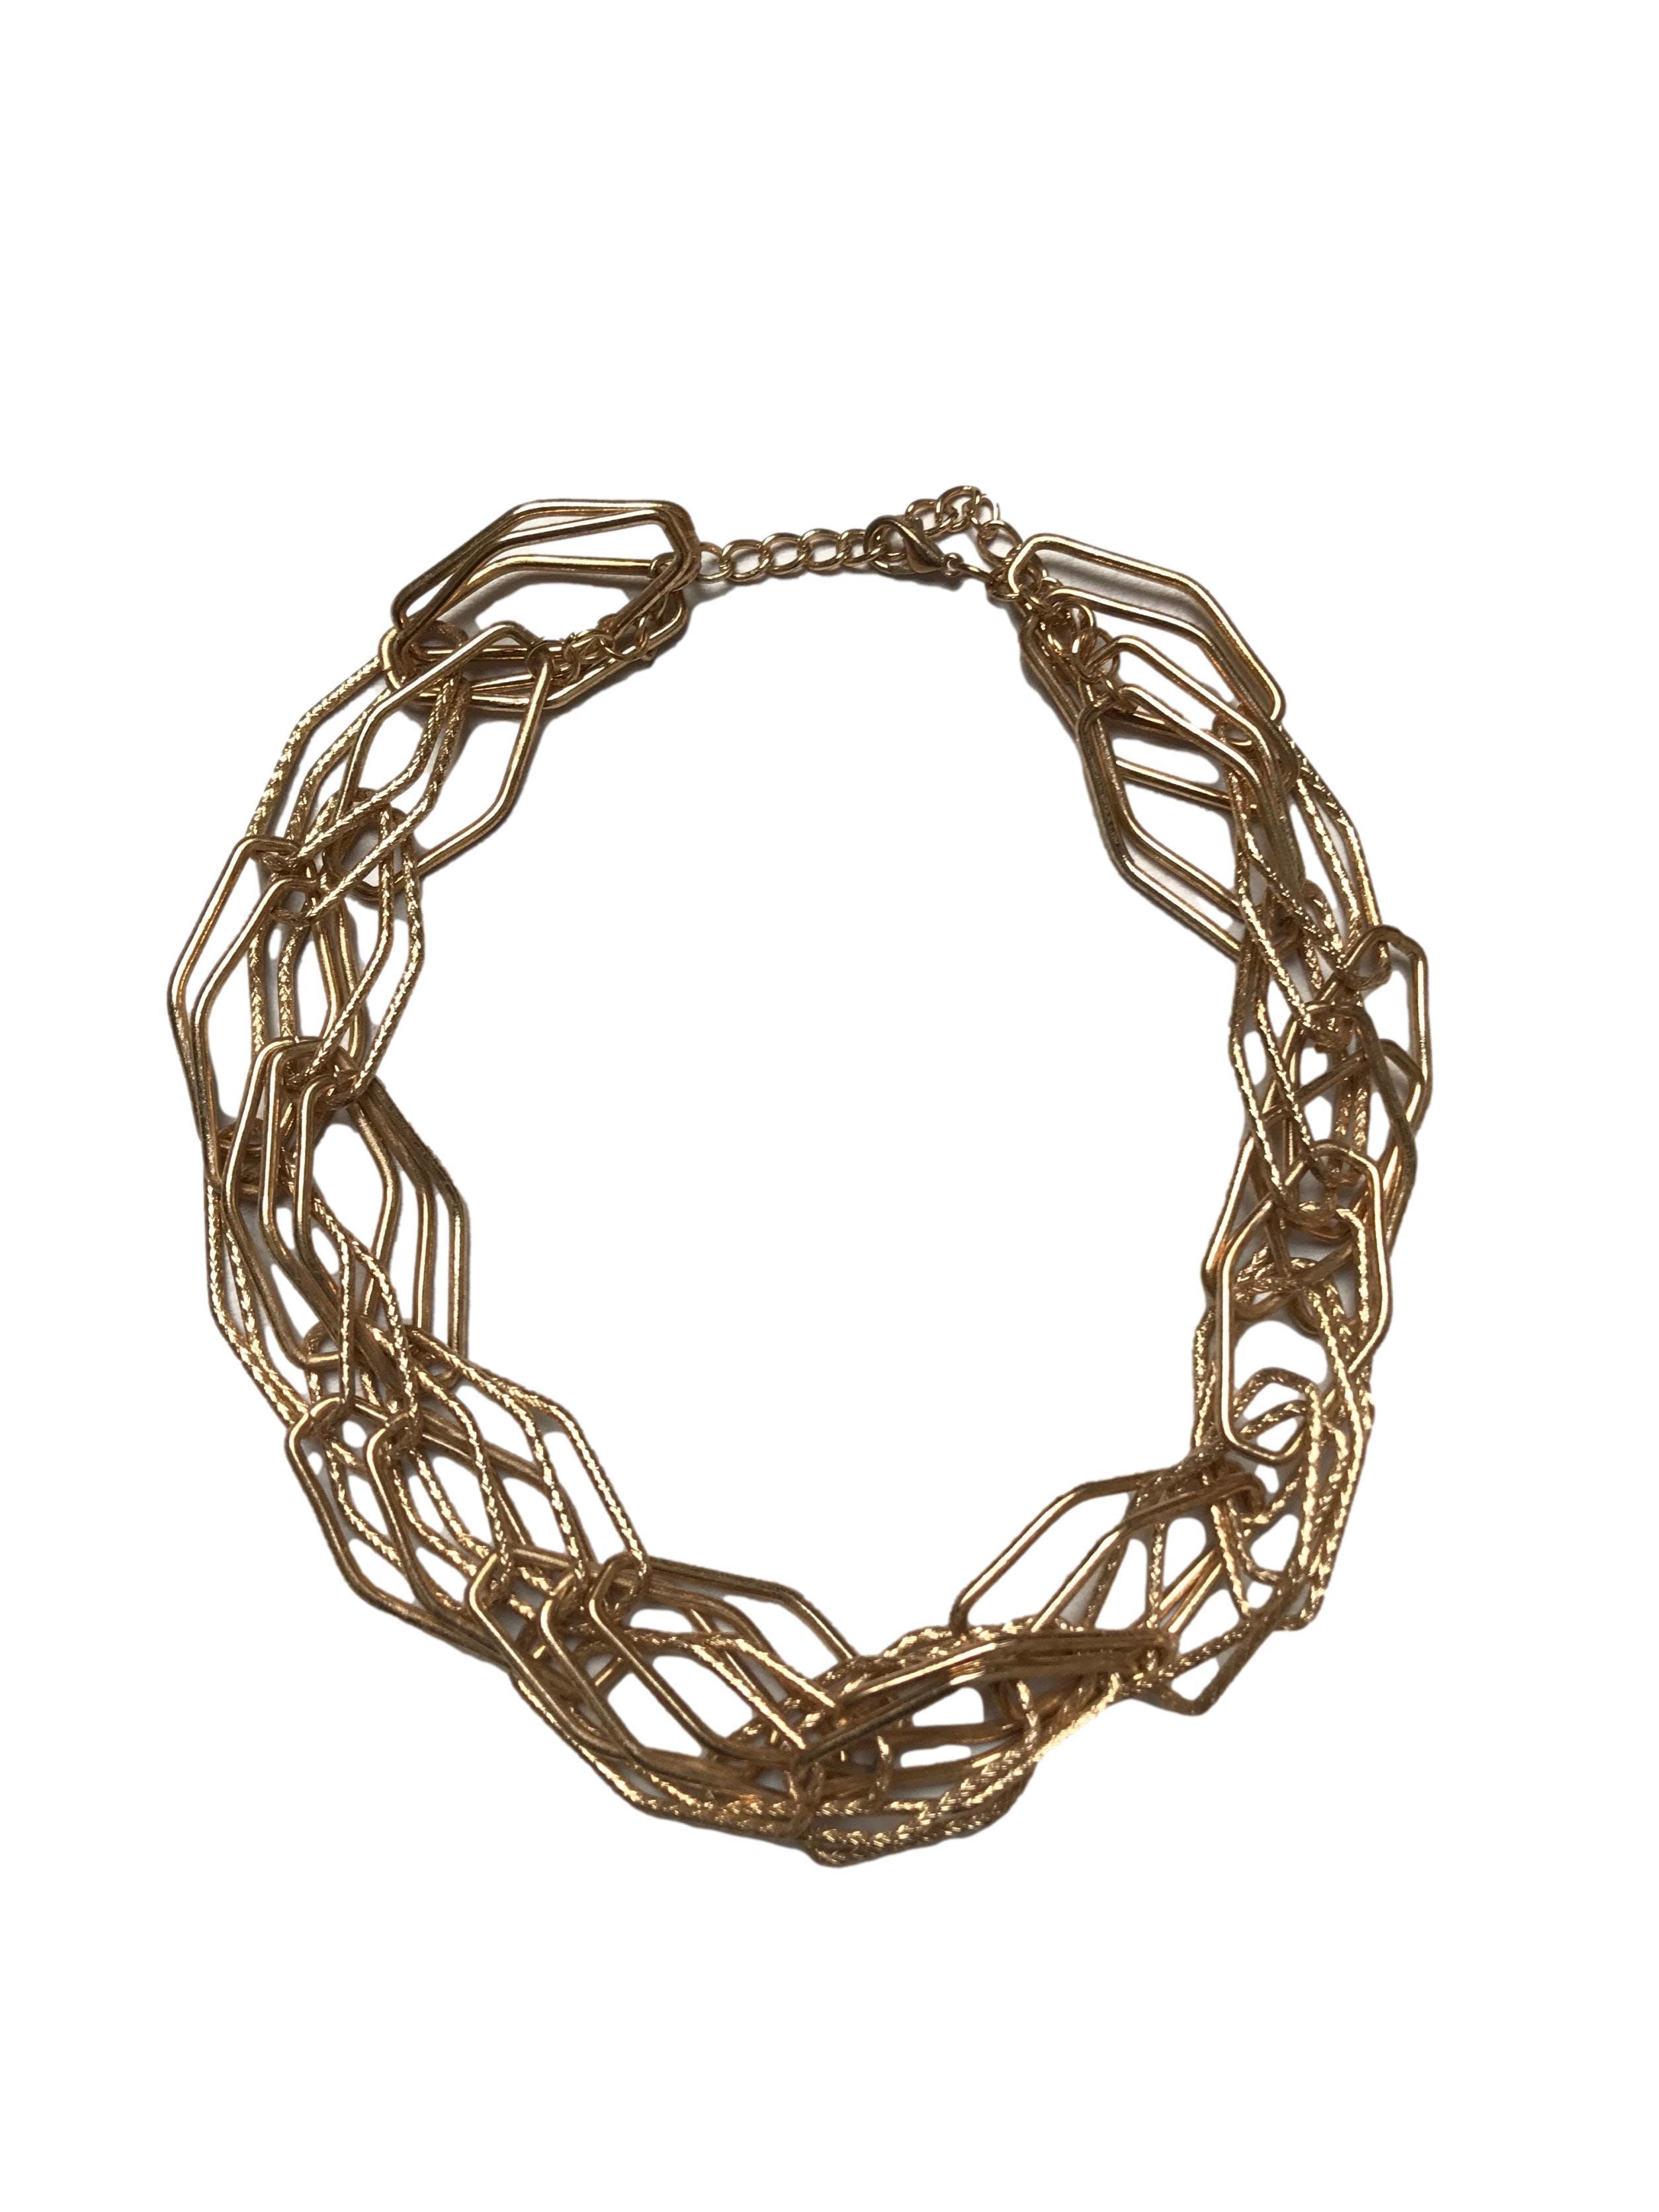 Collar metálico dorado de rombos entrelazados. Largo 45-53cm